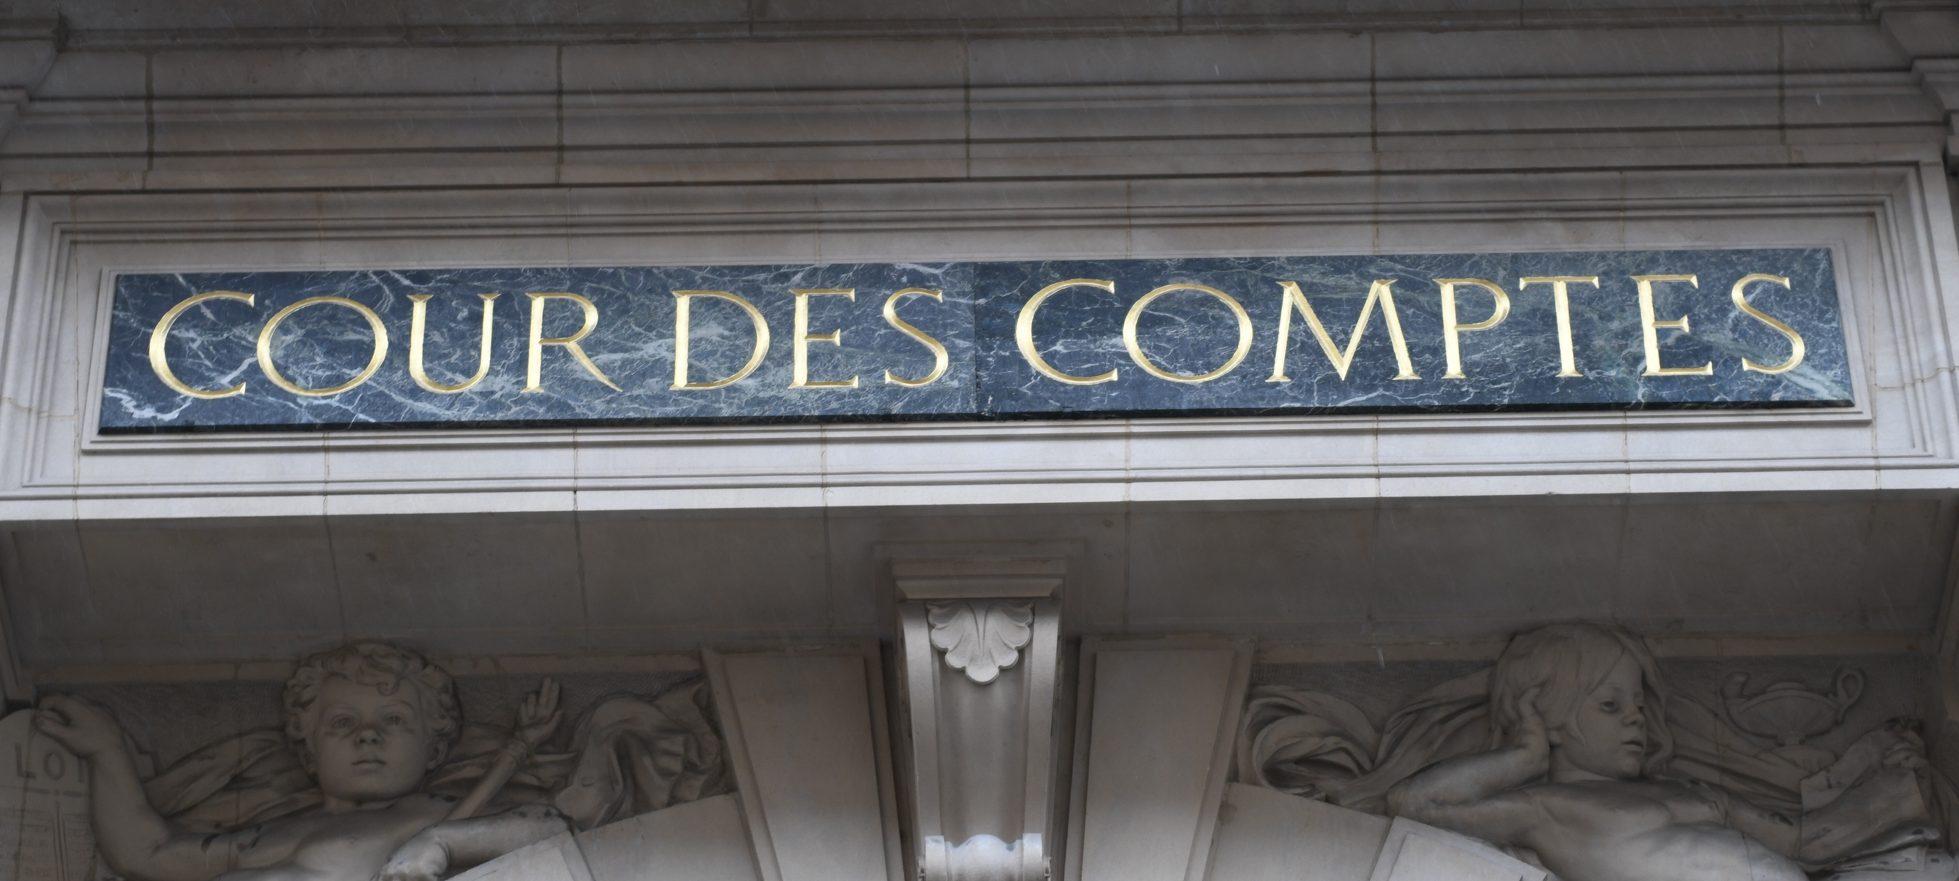 La Cour des comptes, rue Cambon à Paris - Défense-92.fr